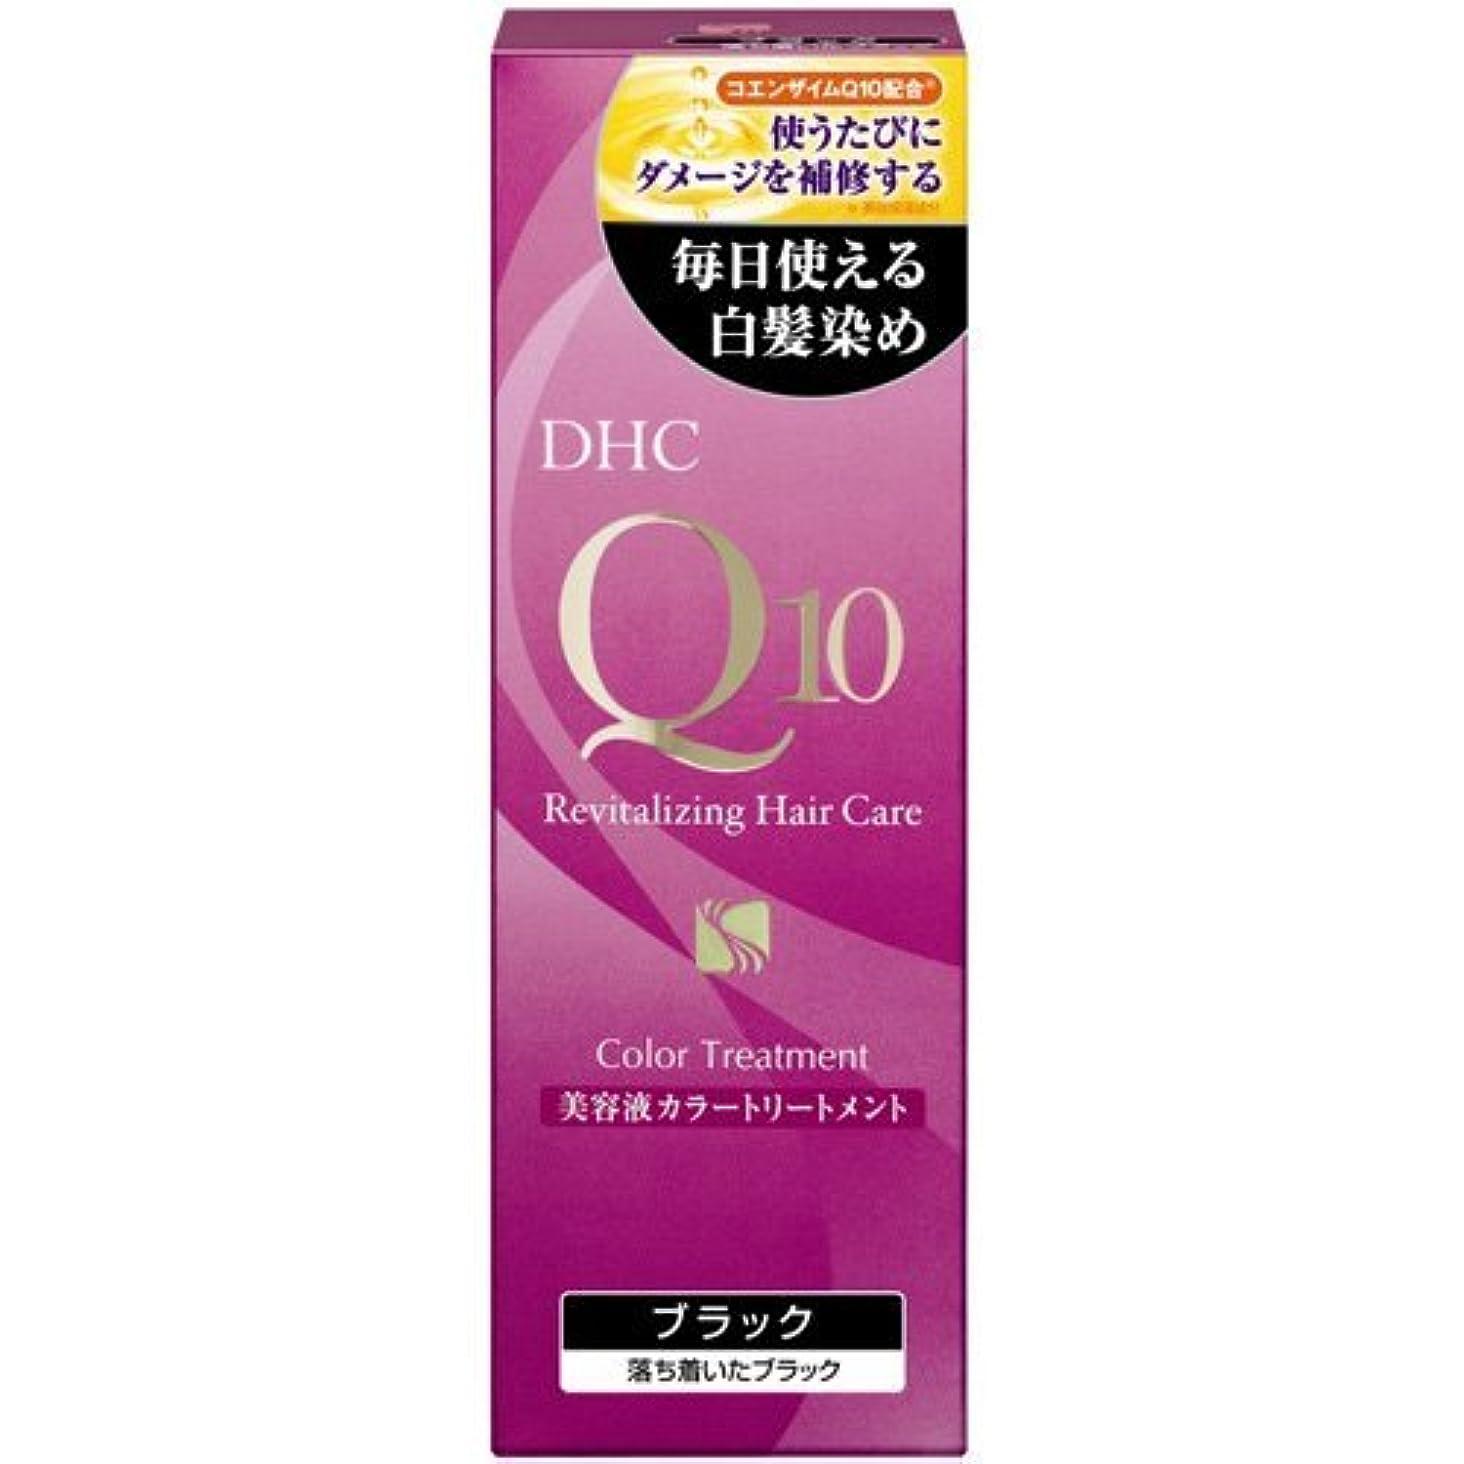 ぺディカブ良さチャーミング【まとめ買い】DHC Q10美溶液カラートリートメントブラックSS170g ×4個